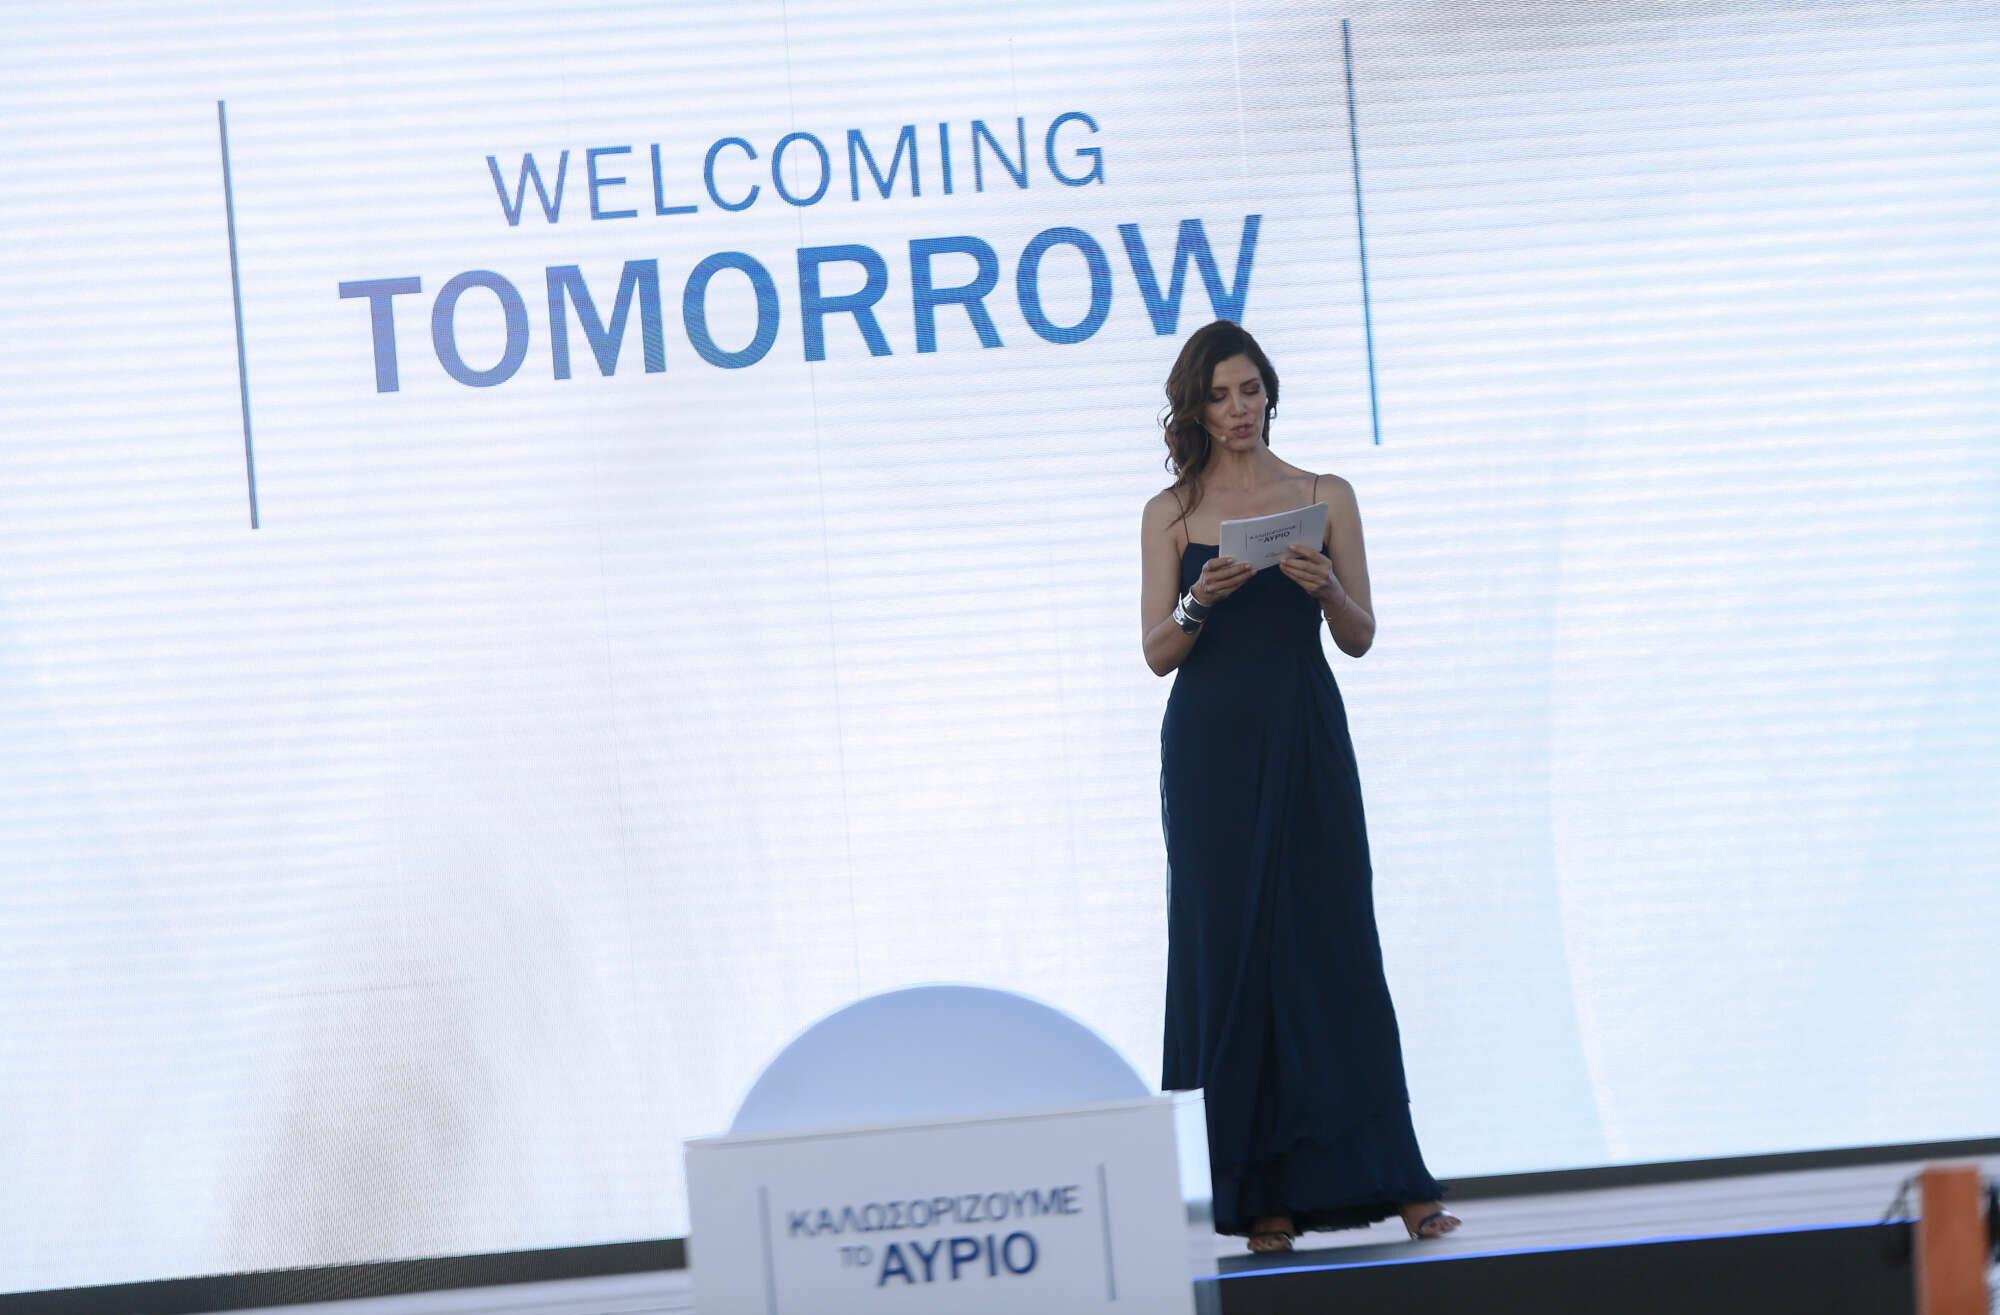 Η Κατερίνα Λέχου ήταν η παρουσιάστρια της εκδήλωσης των εγκαινίων η οποία είχε σαν κεντρικό σύνθημα το «Καλωσορίζουμε το Αύριο»